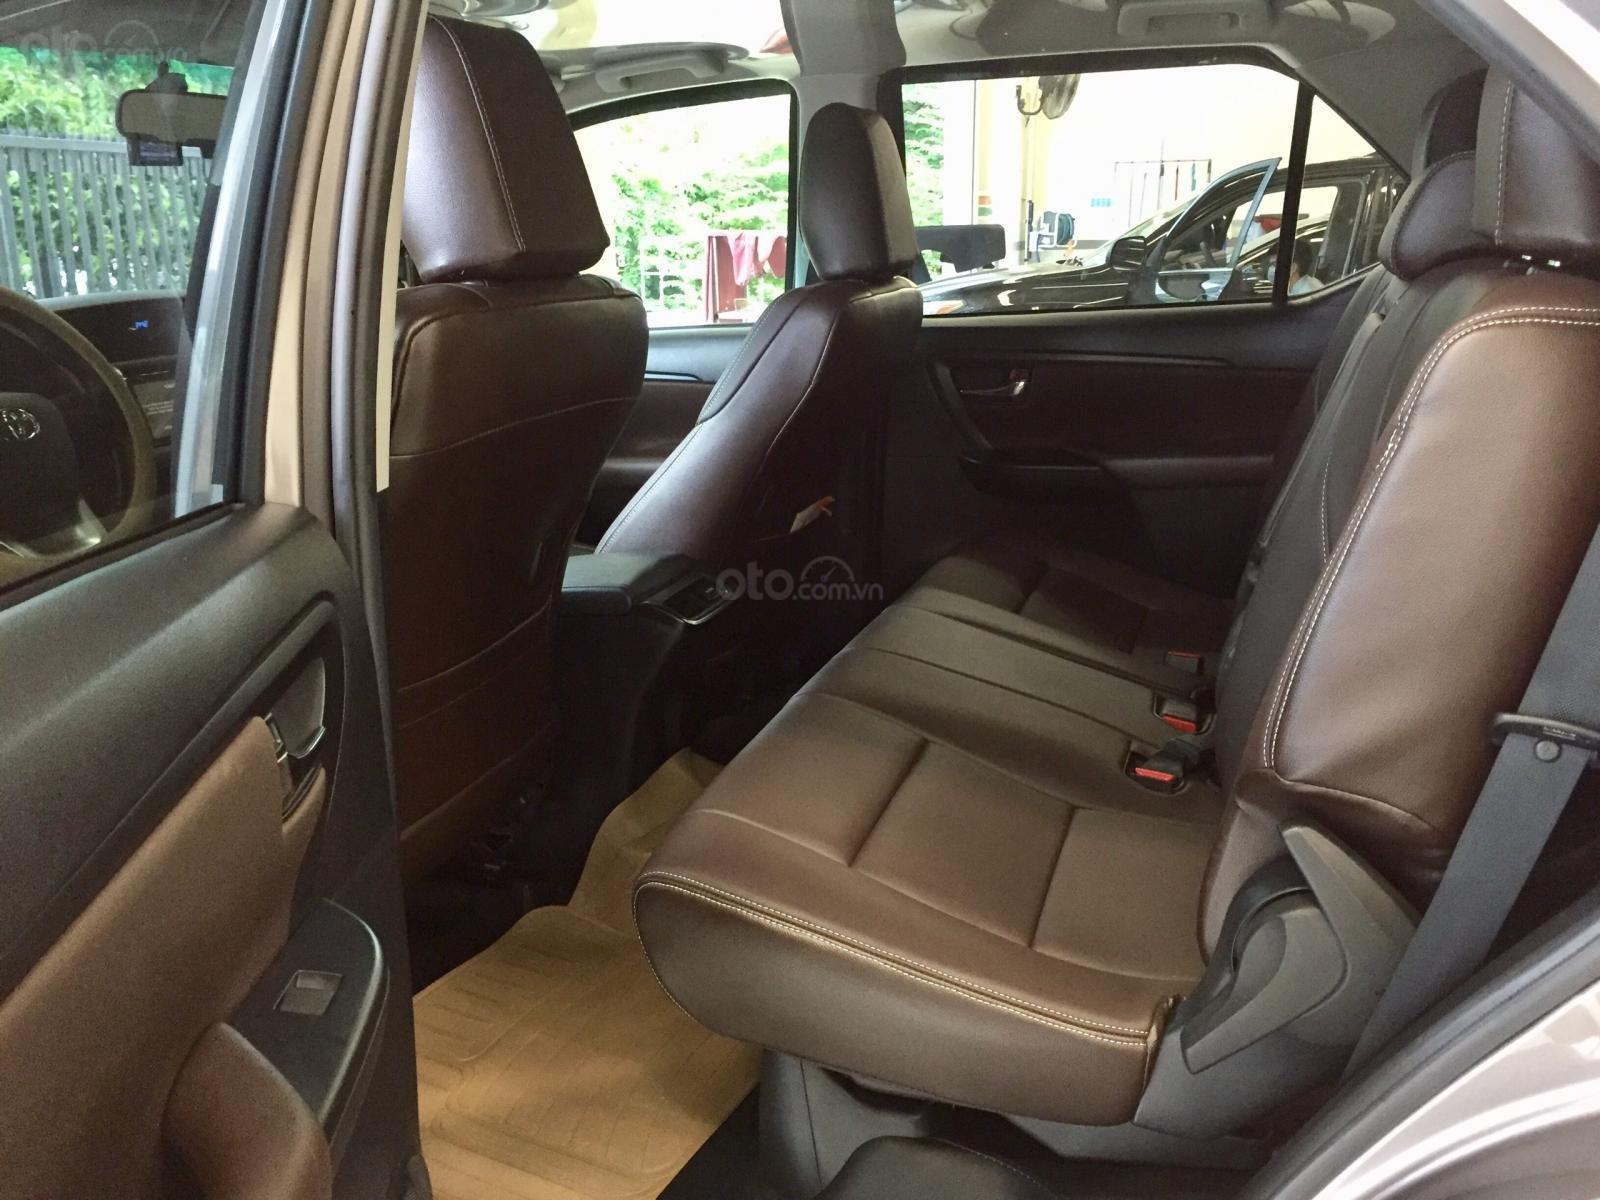 Thanh lý xe Toyota Fortuner 2.4G MT 2019, màu đồng, xe đi được đi 8.700km - xe chất giá tốt (9)